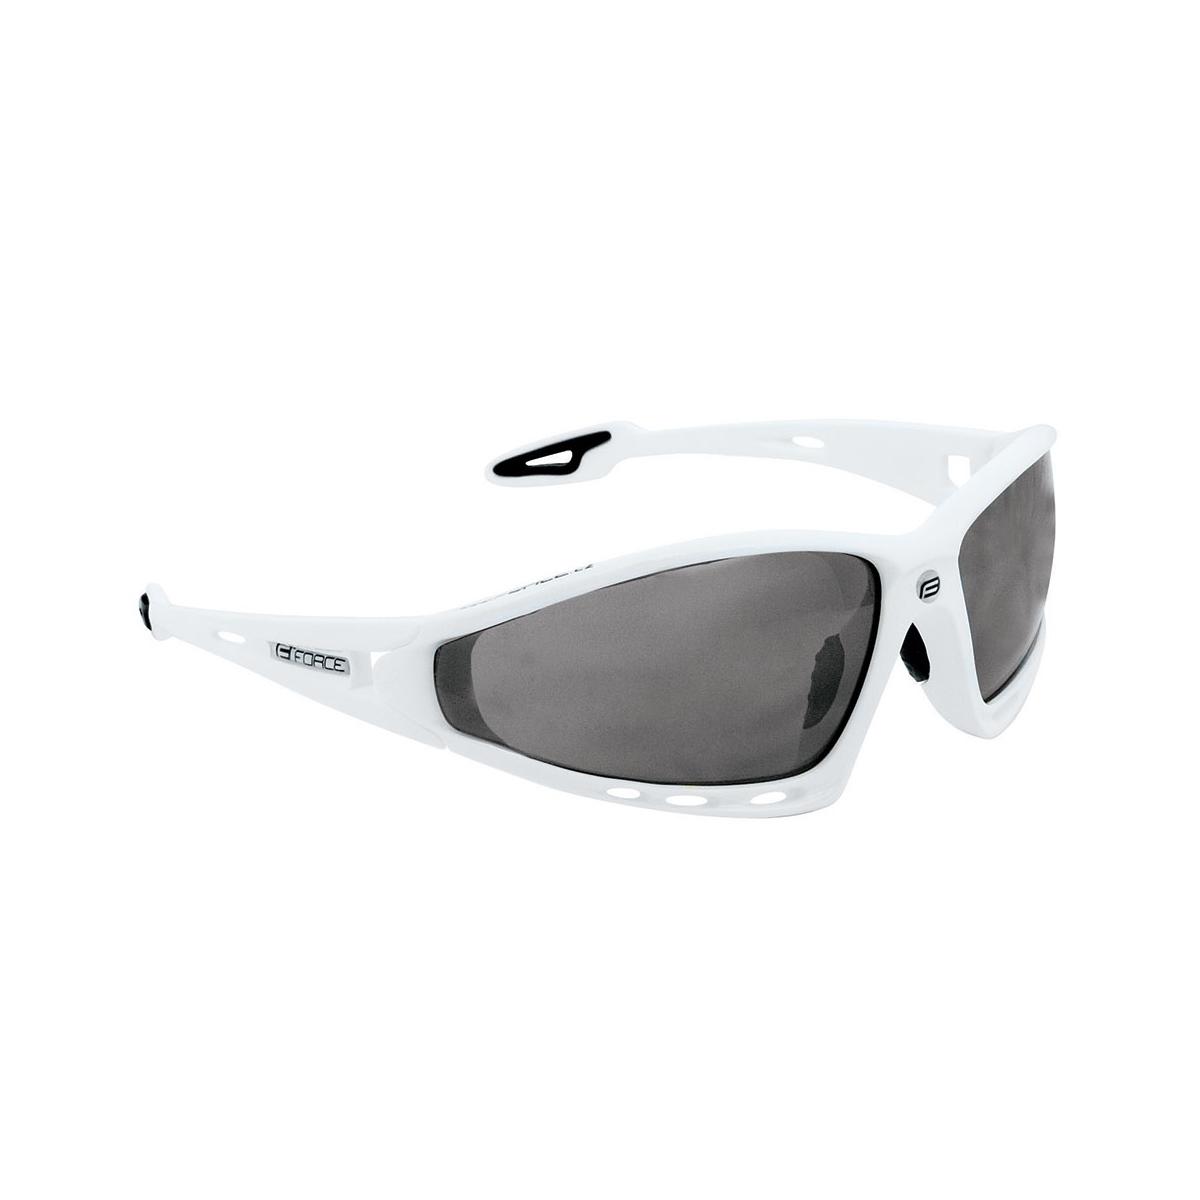 Brýle FORCE PRO bílé, černá laser skla (sportovní brýle)